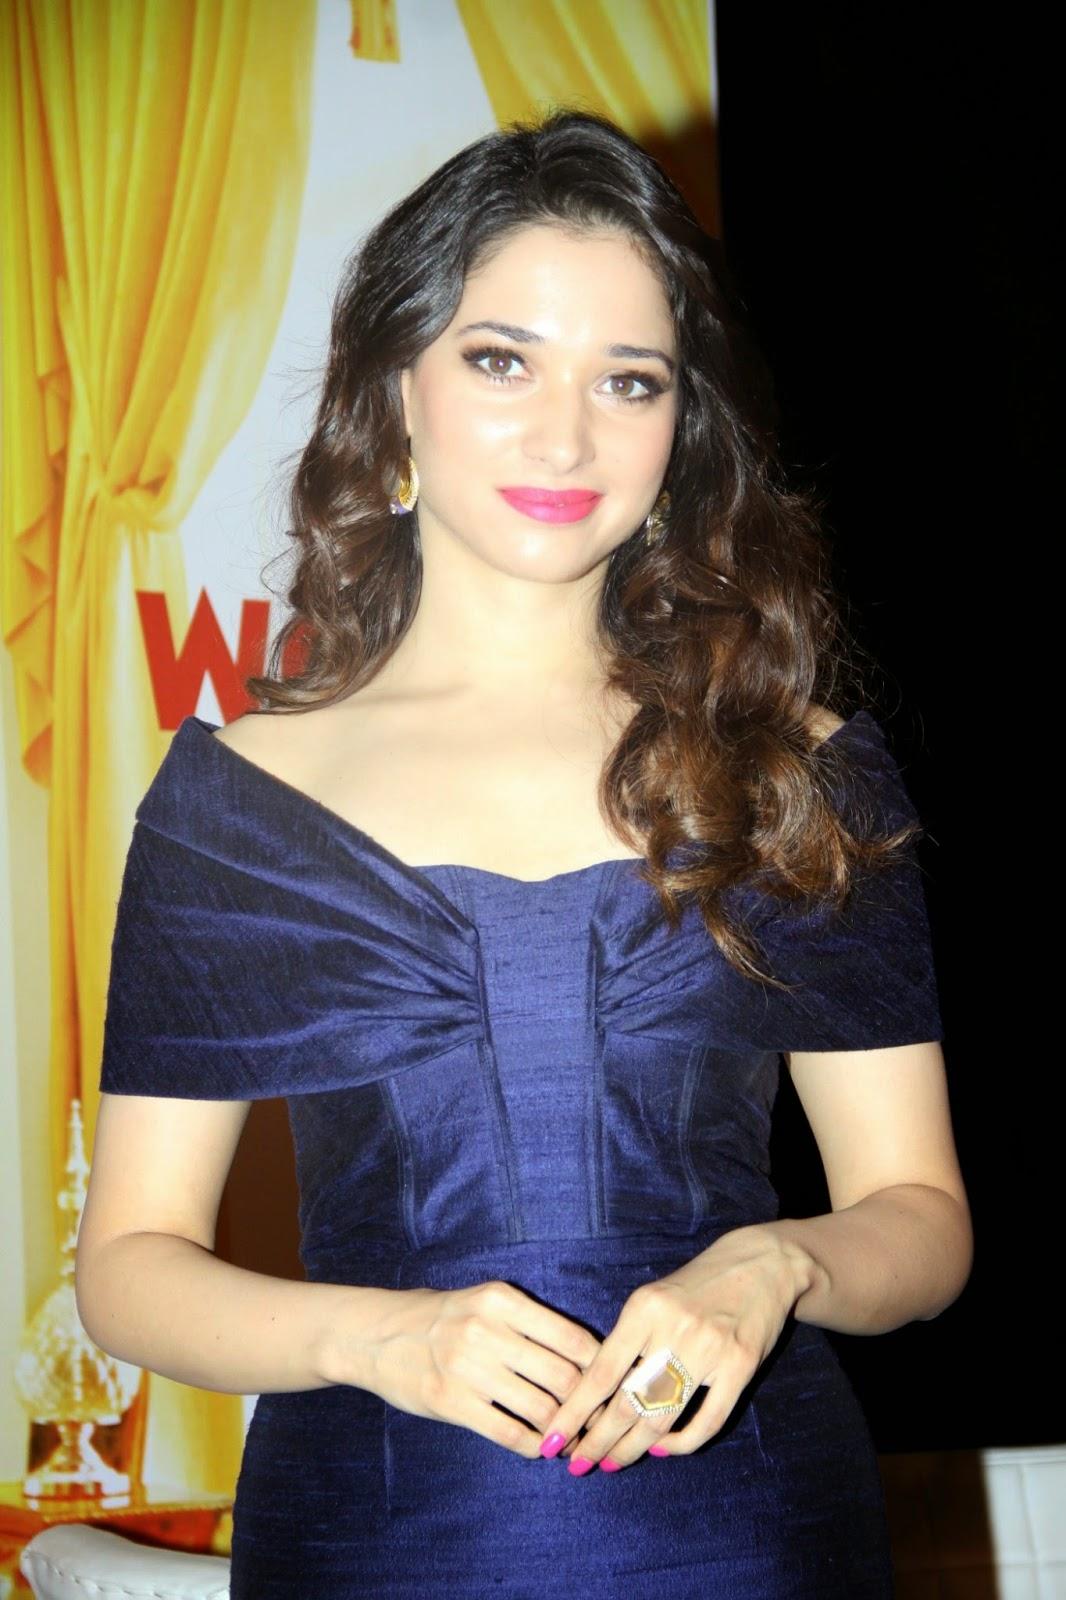 actress tamanna bhatia latest ultra hd photos - actors hot photo shoot